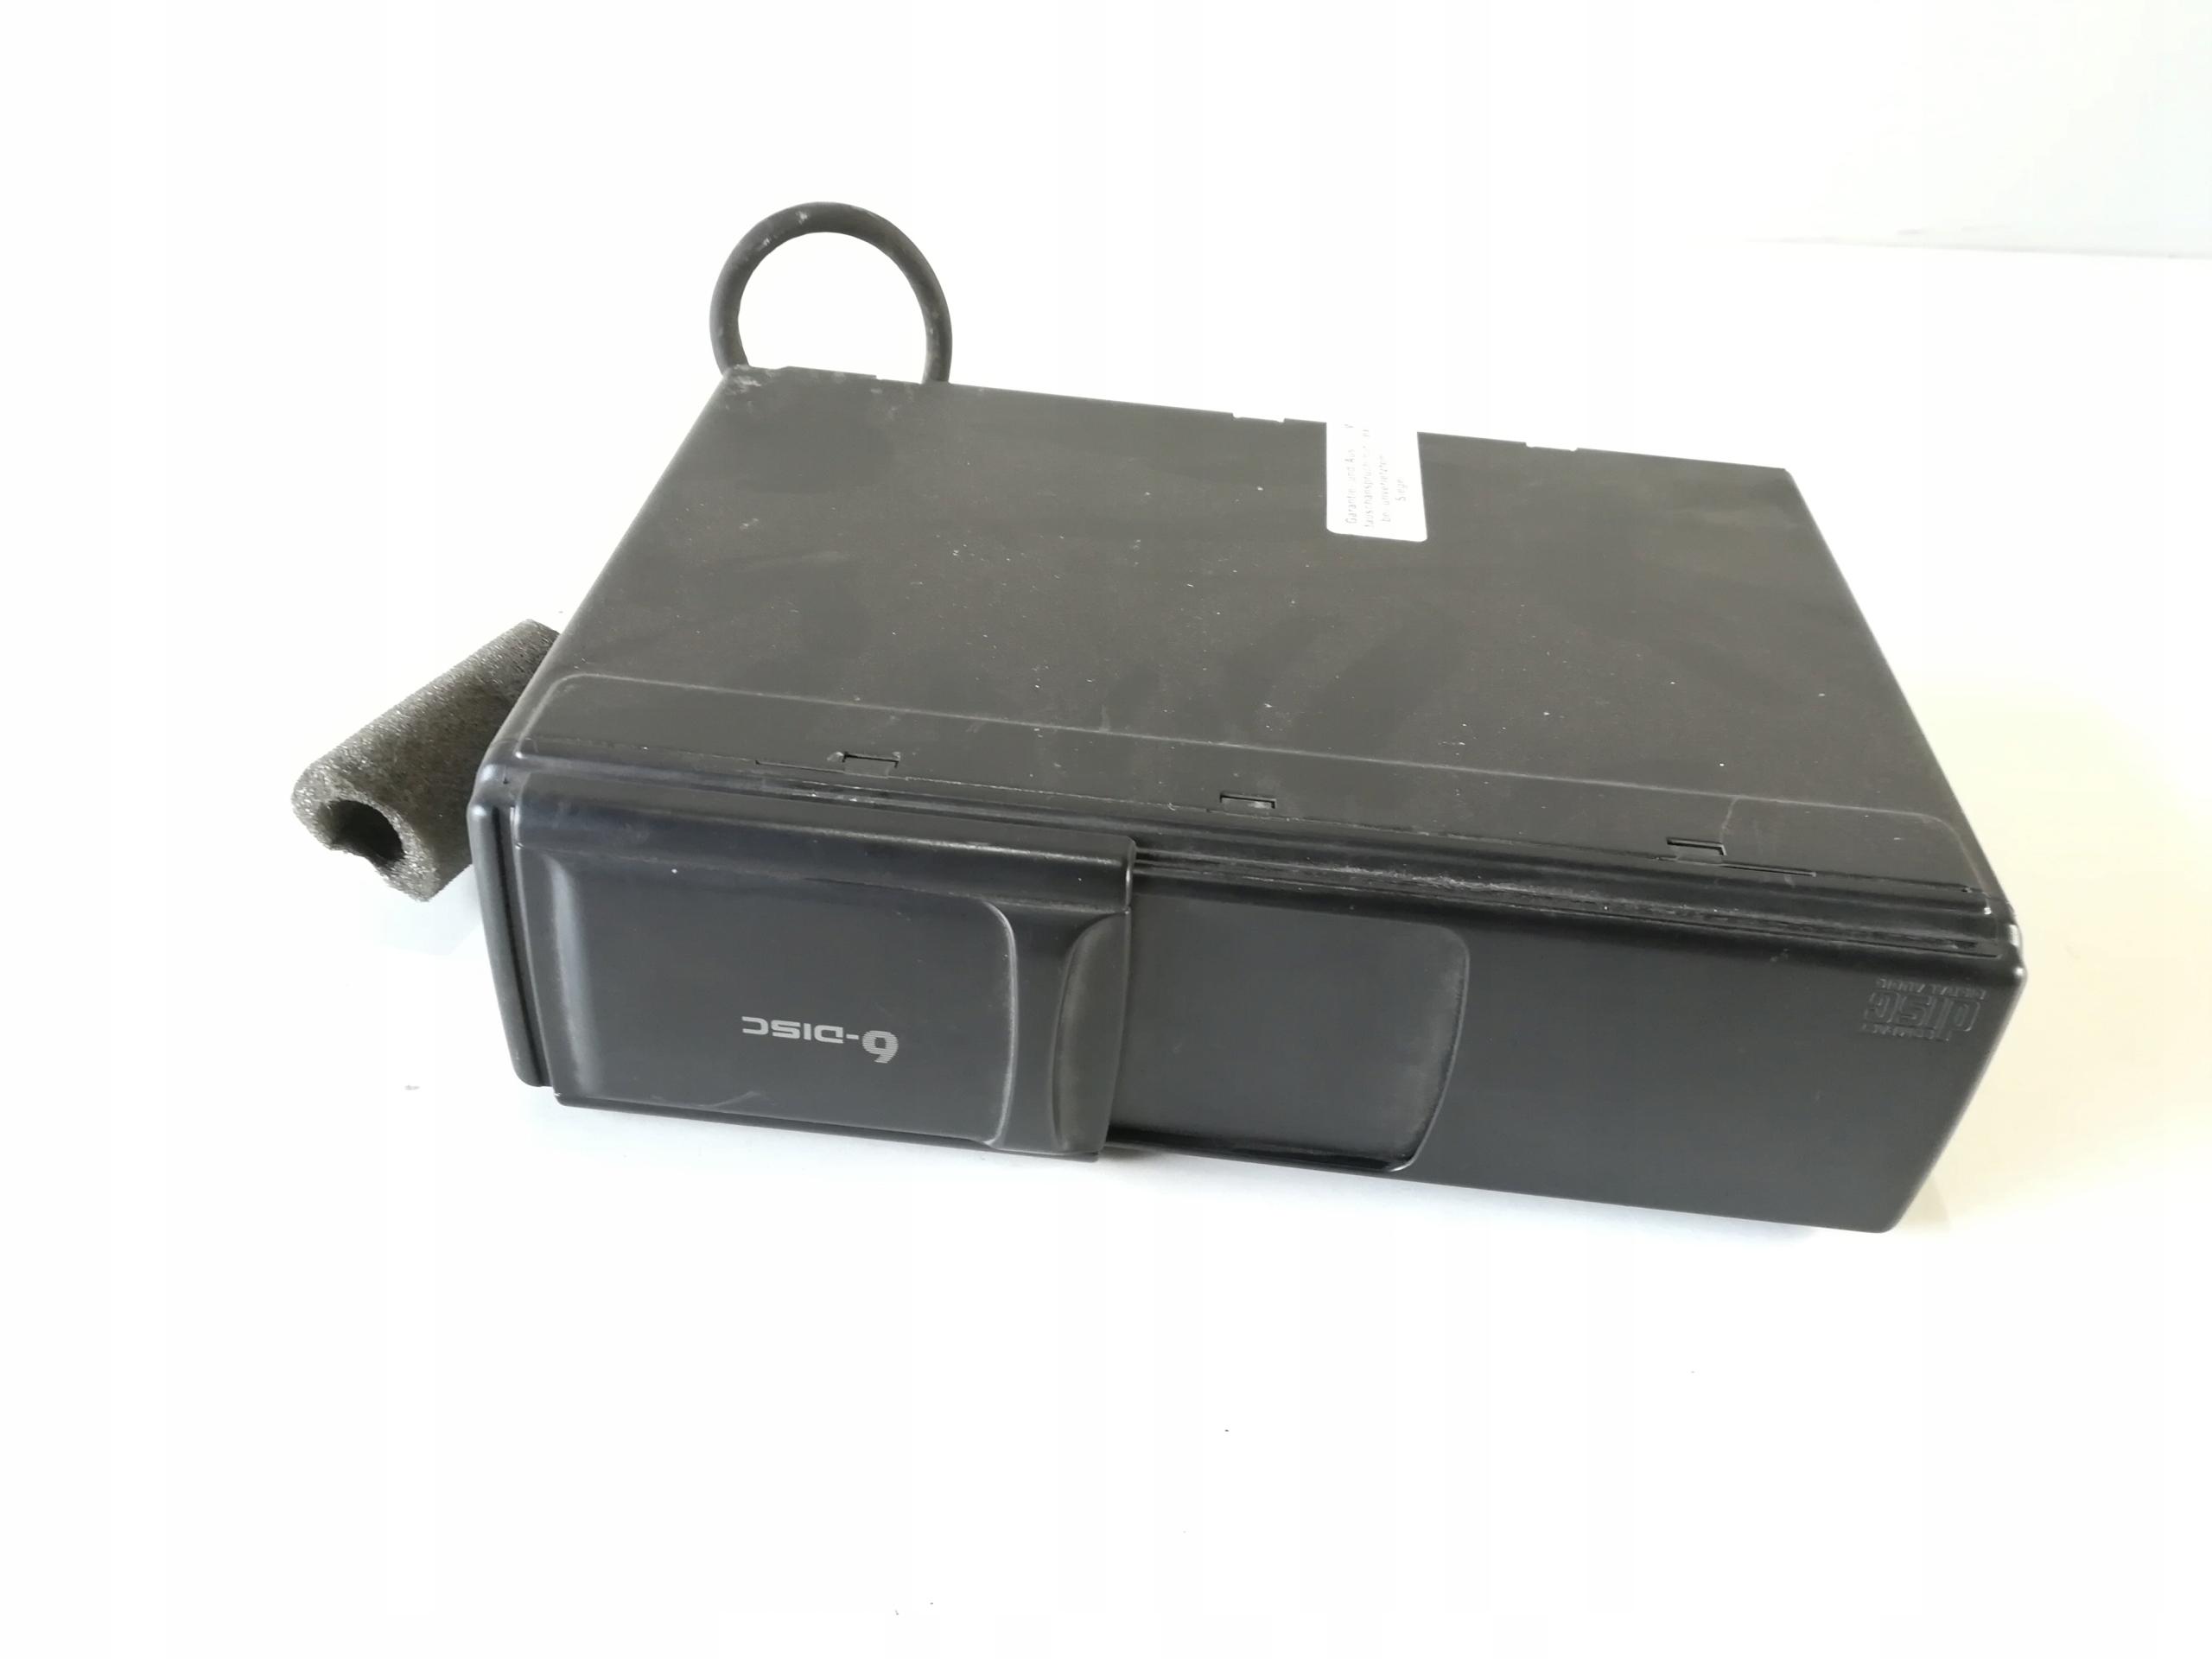 cd-чейнджер плит магазин audi a6 c5 a3 8l a4 b5